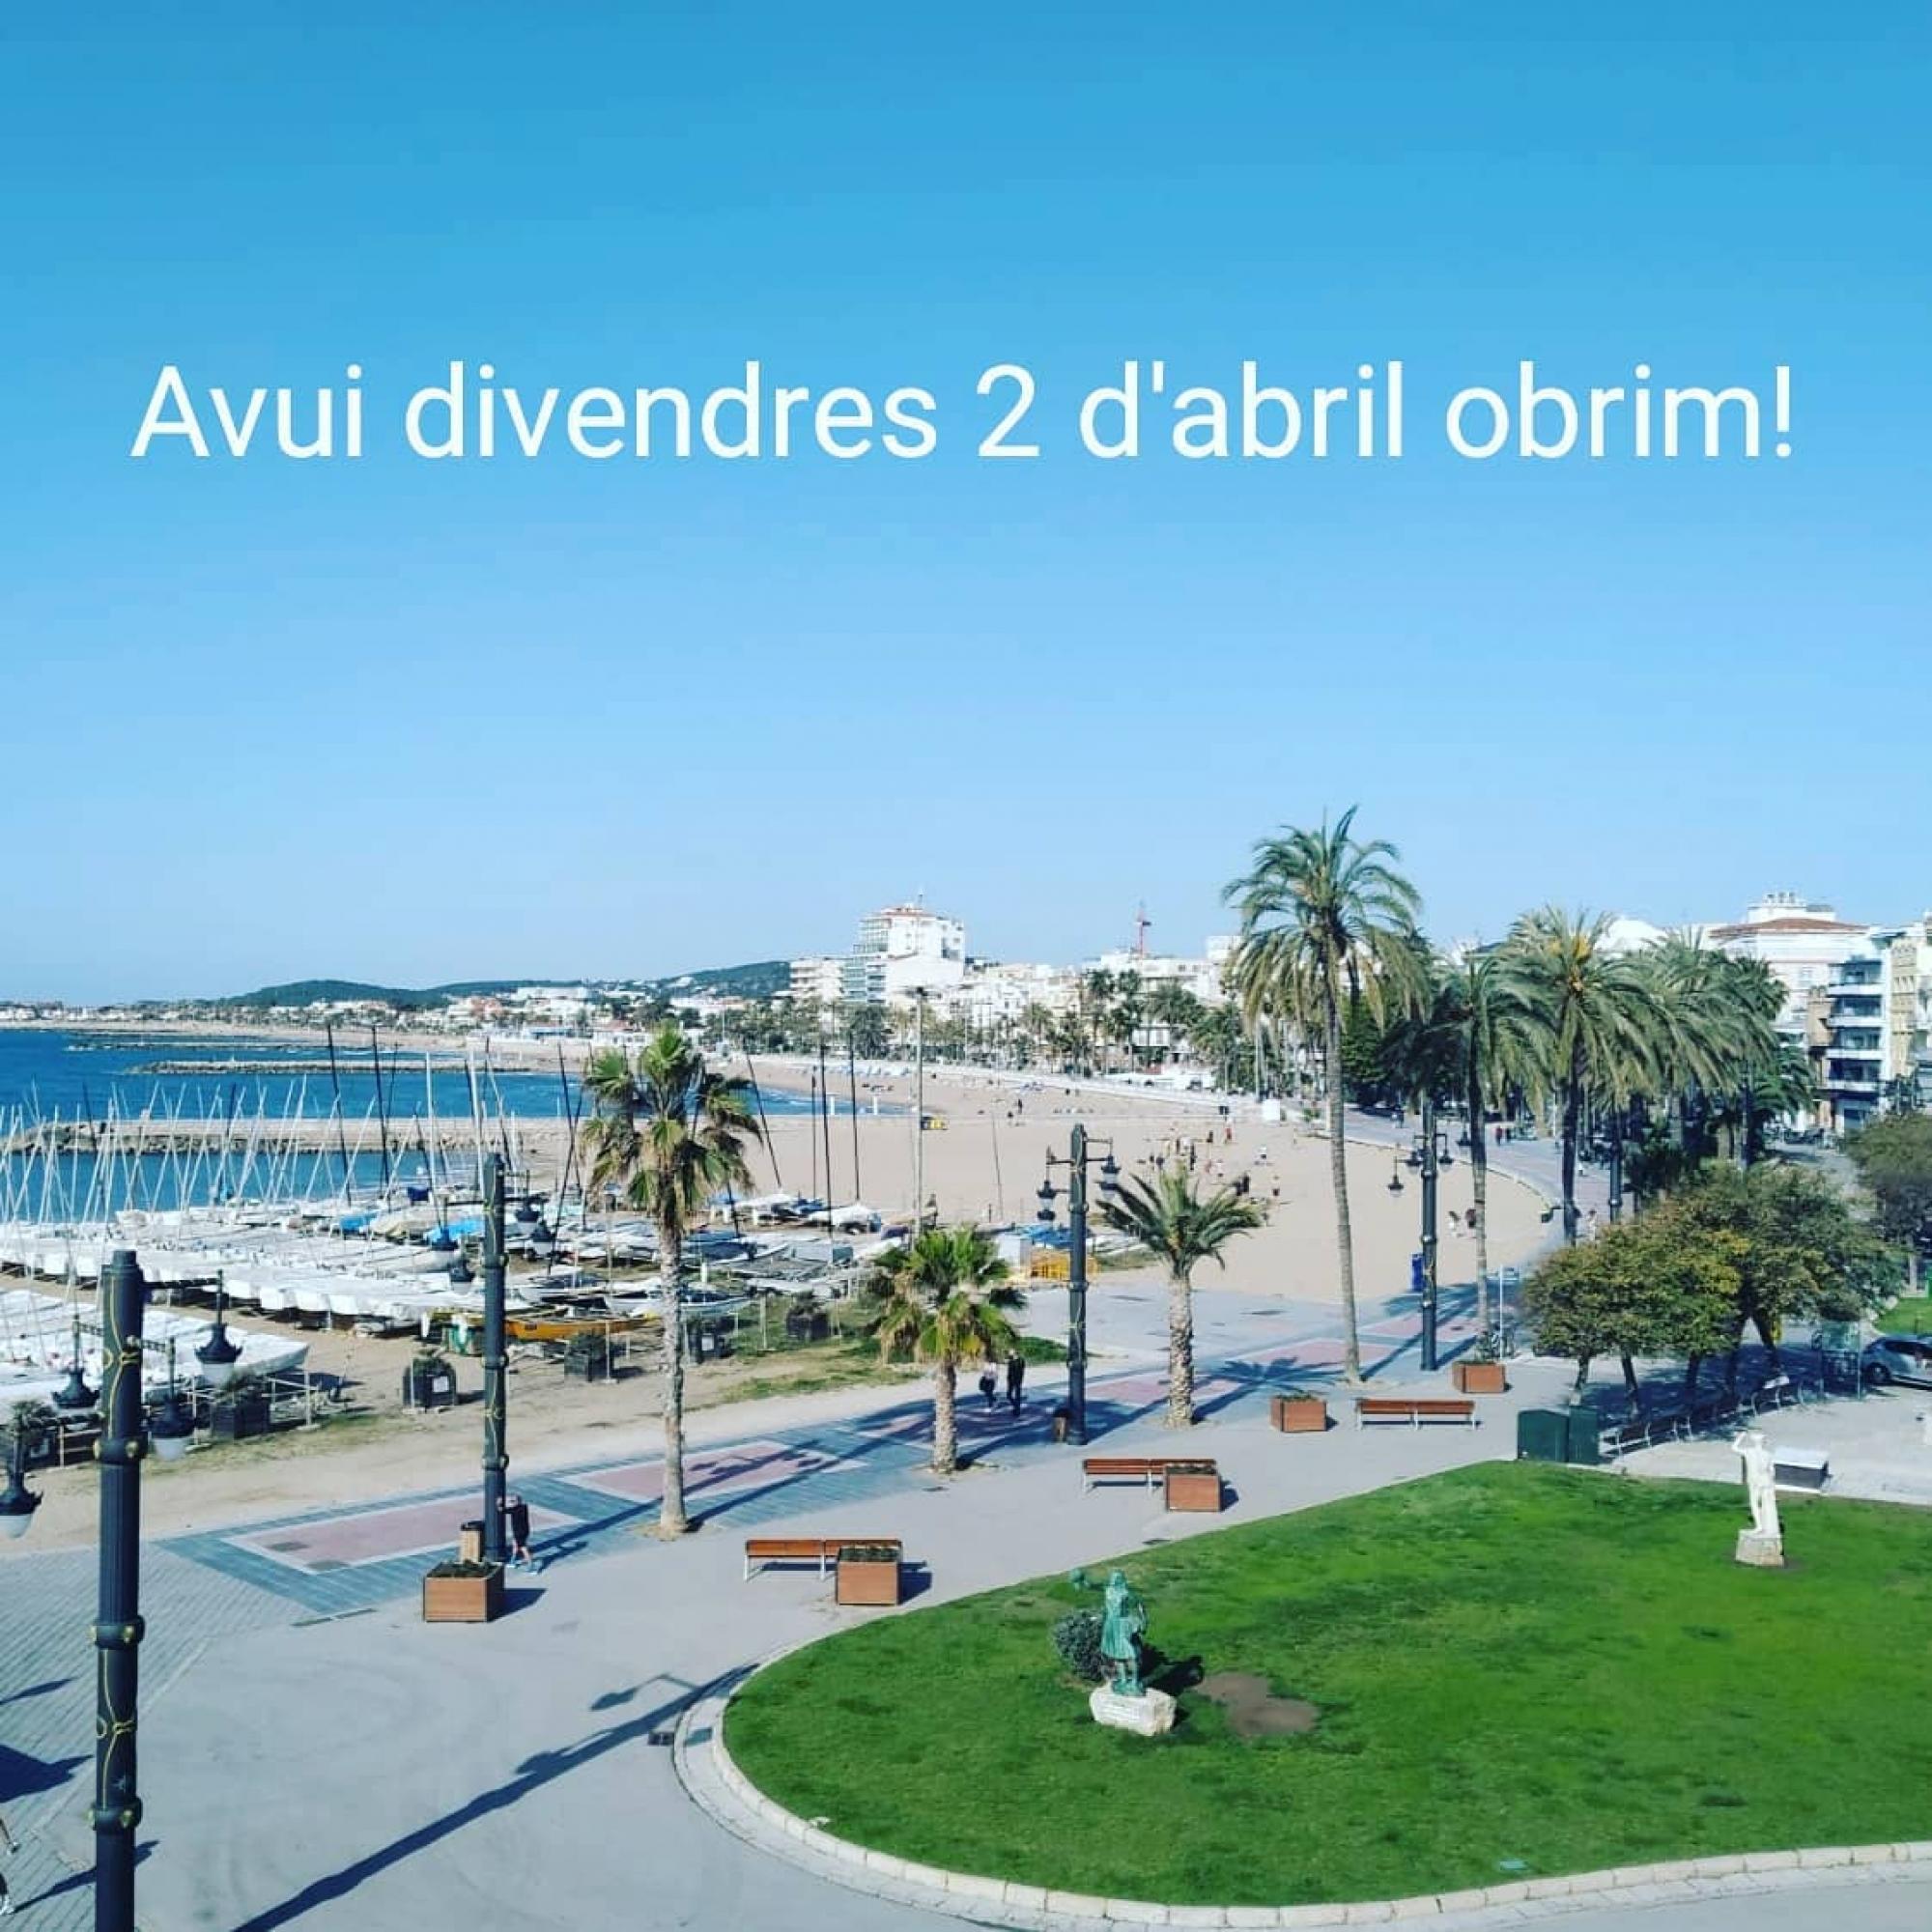 Bon dia Sitges! Un dia espectacular per gaudir de la nostra vila.  #sitges #sitgesverd